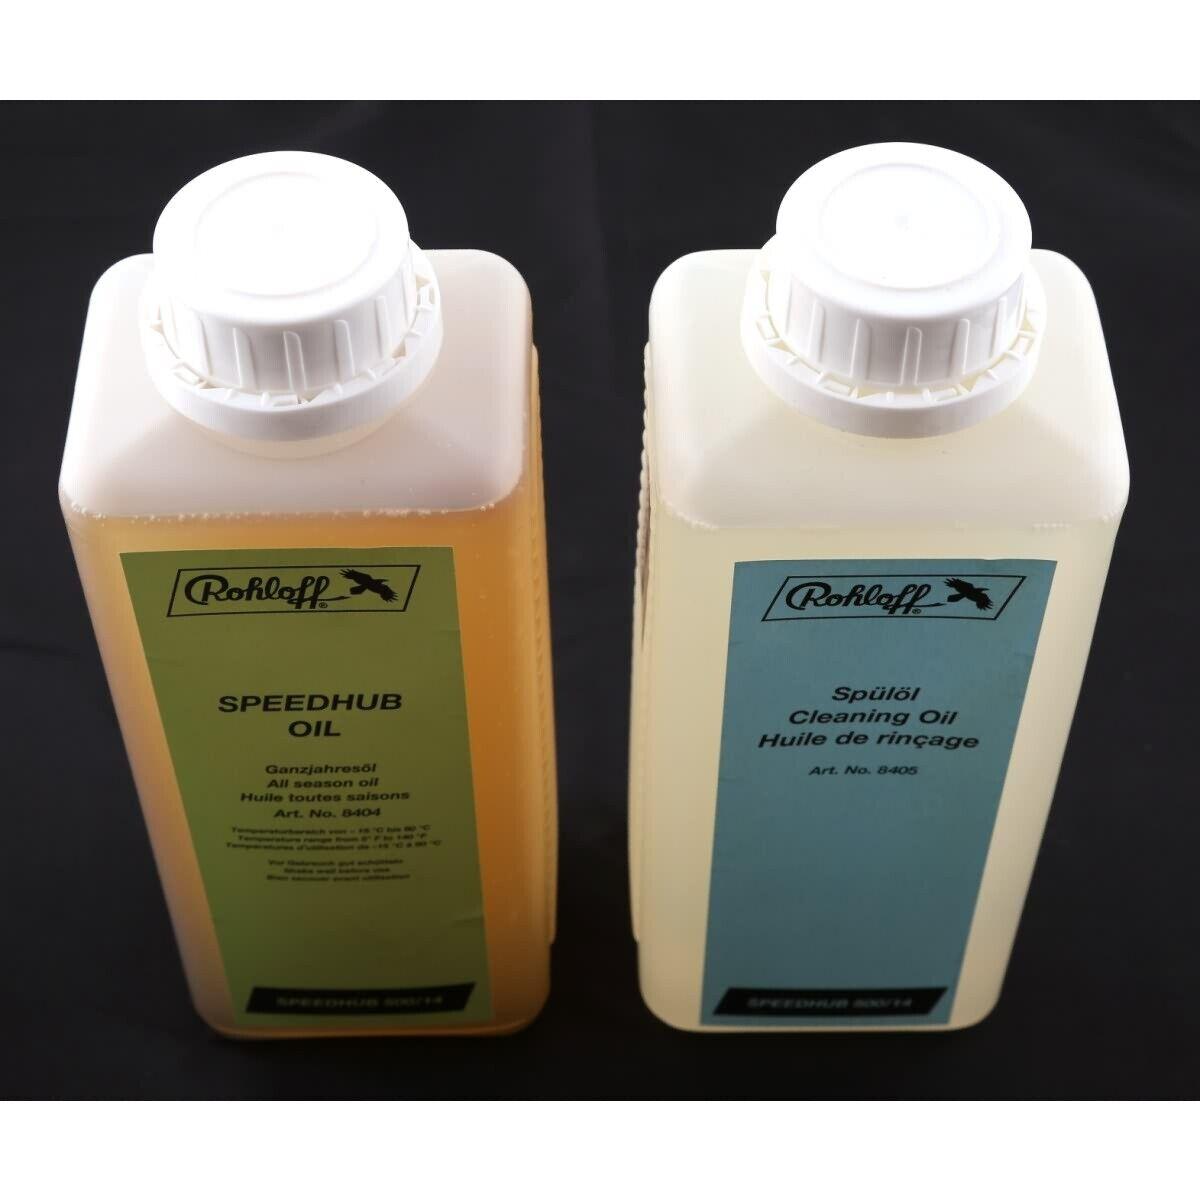 Rohloff Olio & Scarico Contenitore Set 1 LITRI No. 8406 manutenzione Speedhub